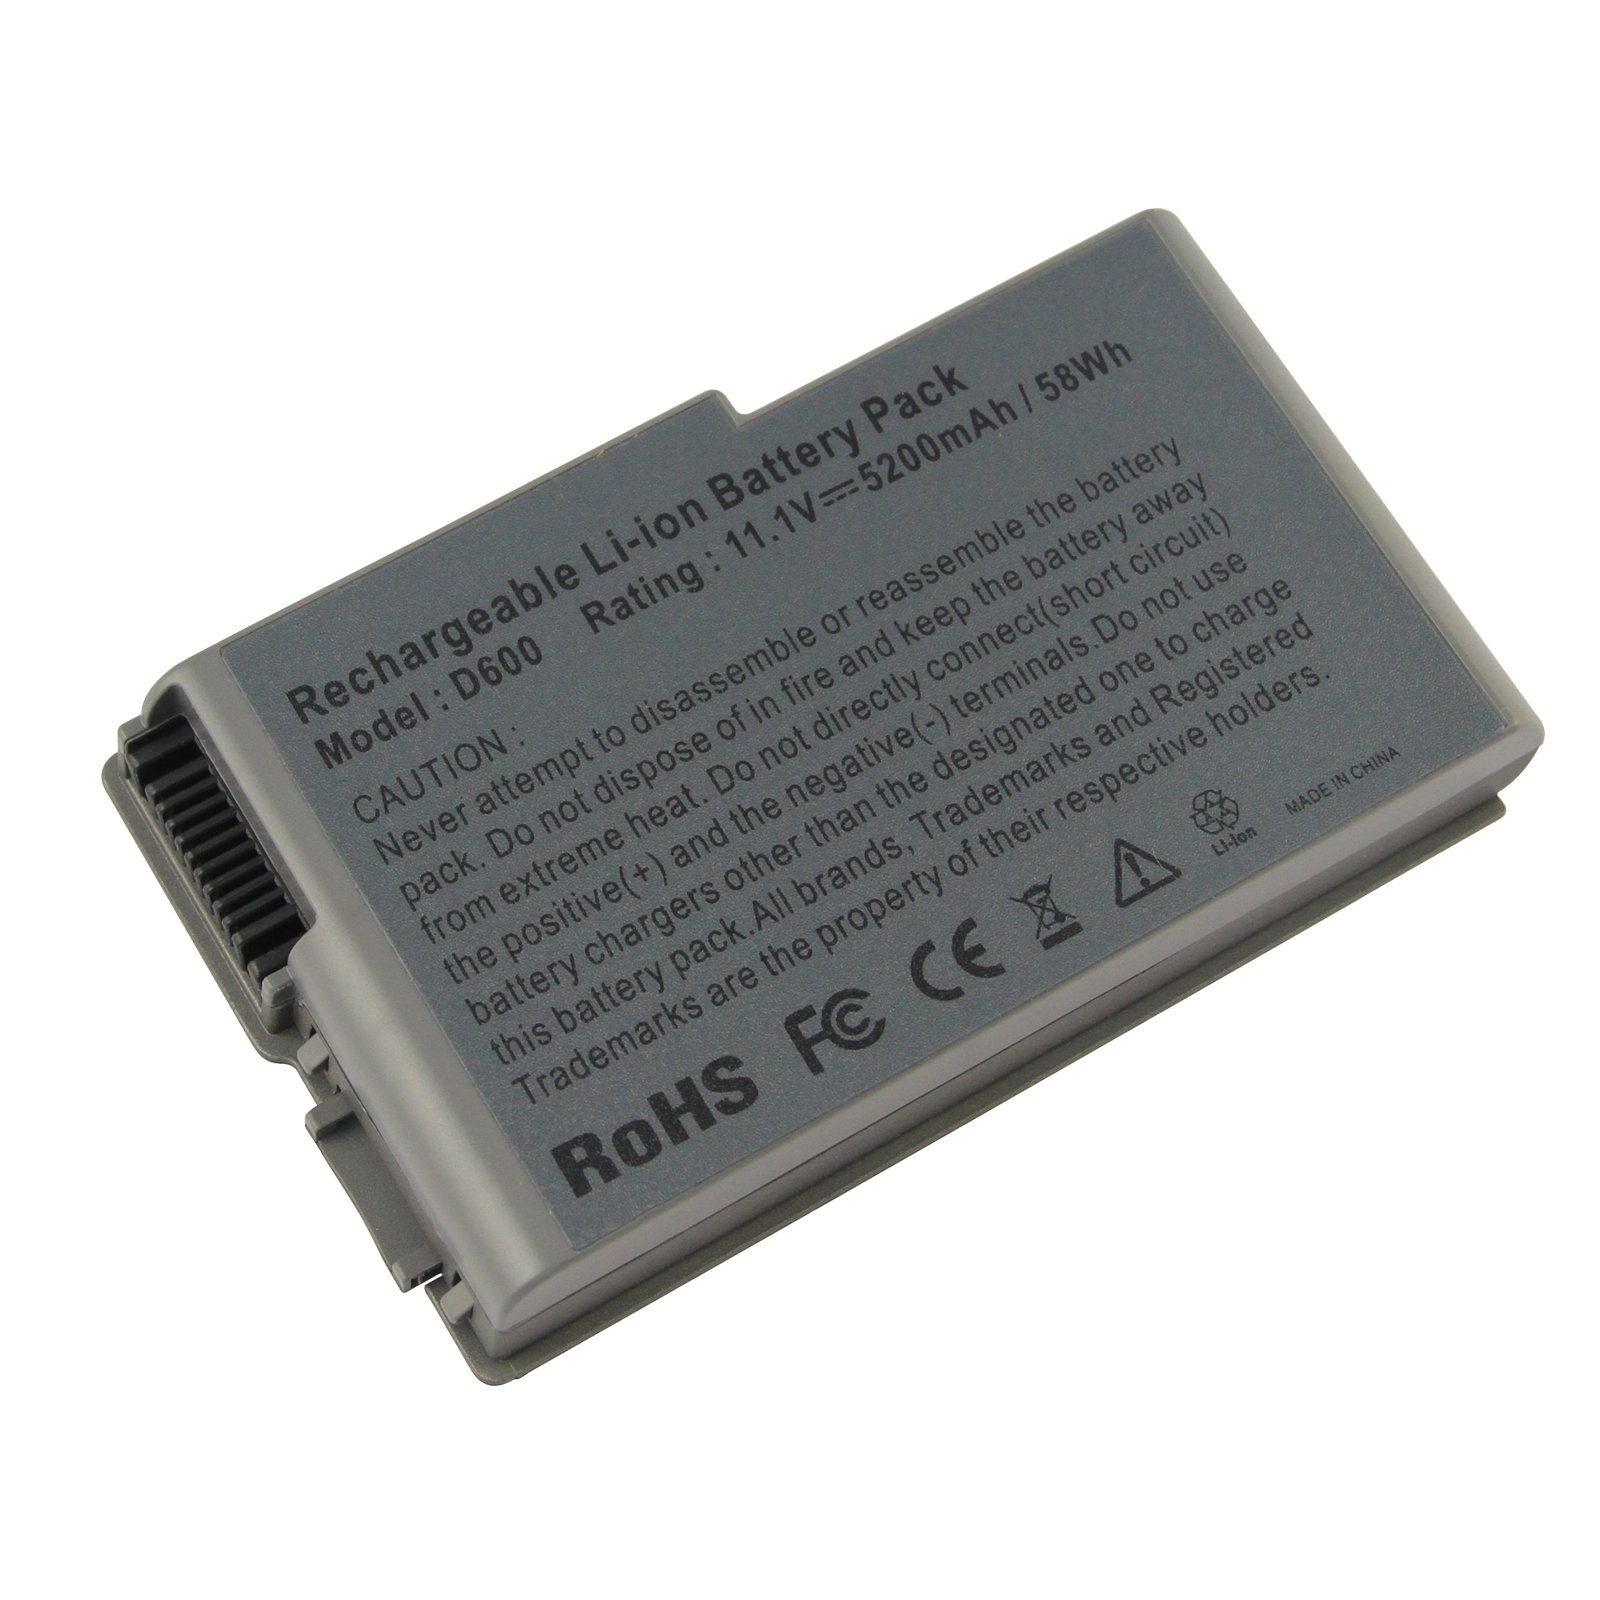 Bateria 5200mah Para Dell Latitude 500m 600m D500 D505/d510 Advanced Burner Essential/d510m/d520 Advanced Base Burner/d5